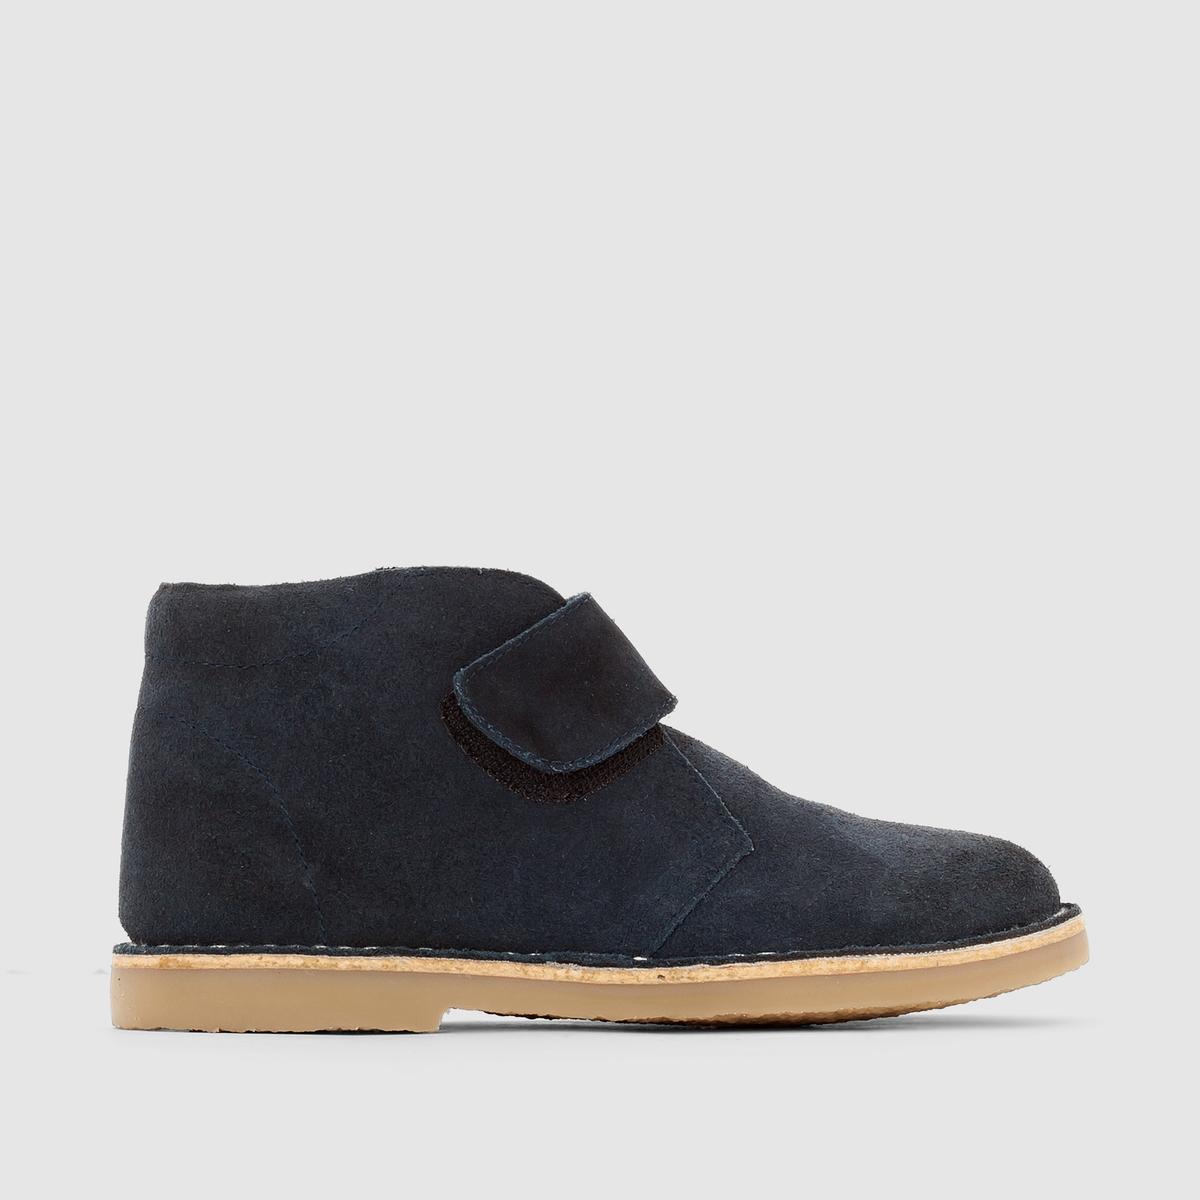 Ботинки кожаные с застежкой на планки-велкроПреимущества: удобные и стильные ботинки из спилка с застежкой на планки-велкро и имитацией каучука на подошве.<br><br>Цвет: темно-синий<br>Размер: 30